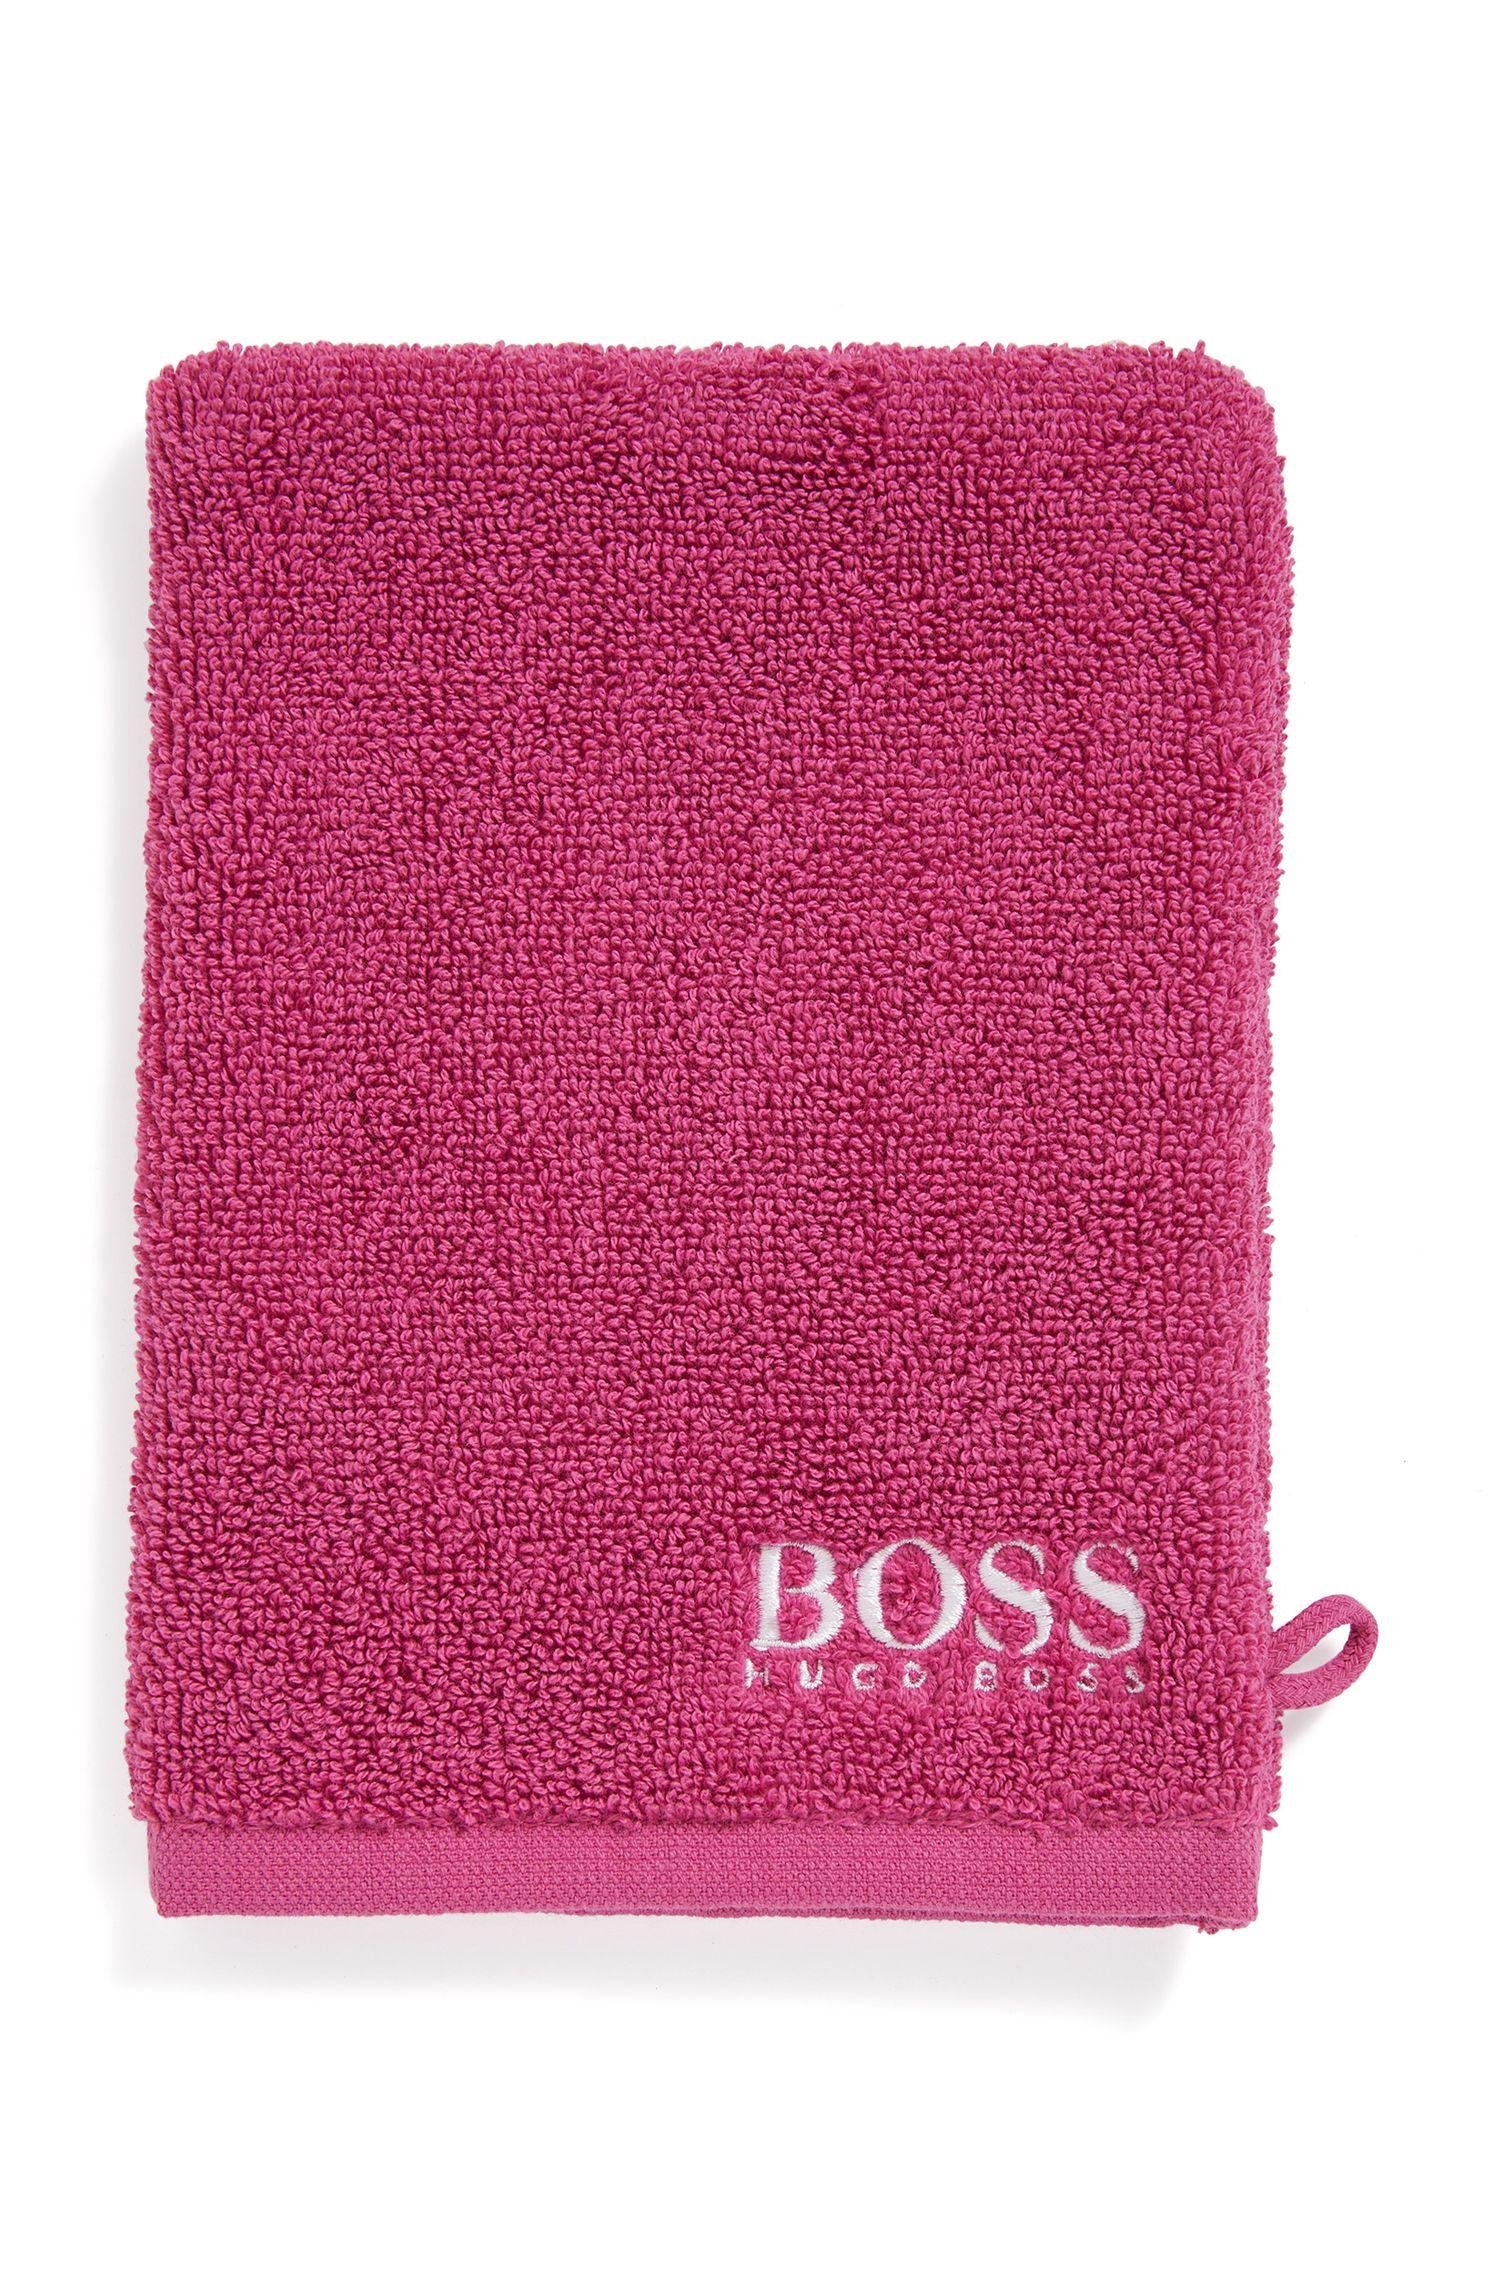 Manopla de baño en algodón egipcio de primera calidad con logo bordado en contraste, Pink